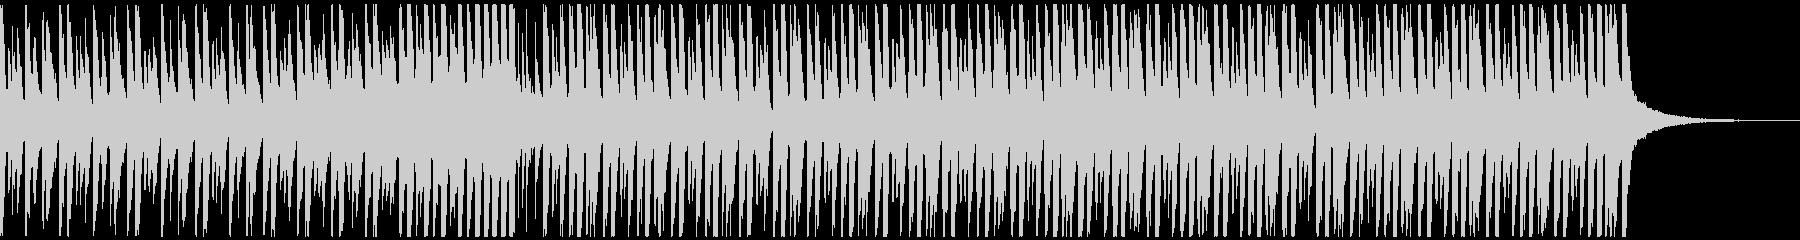 ハッピーデイ(60秒)の未再生の波形